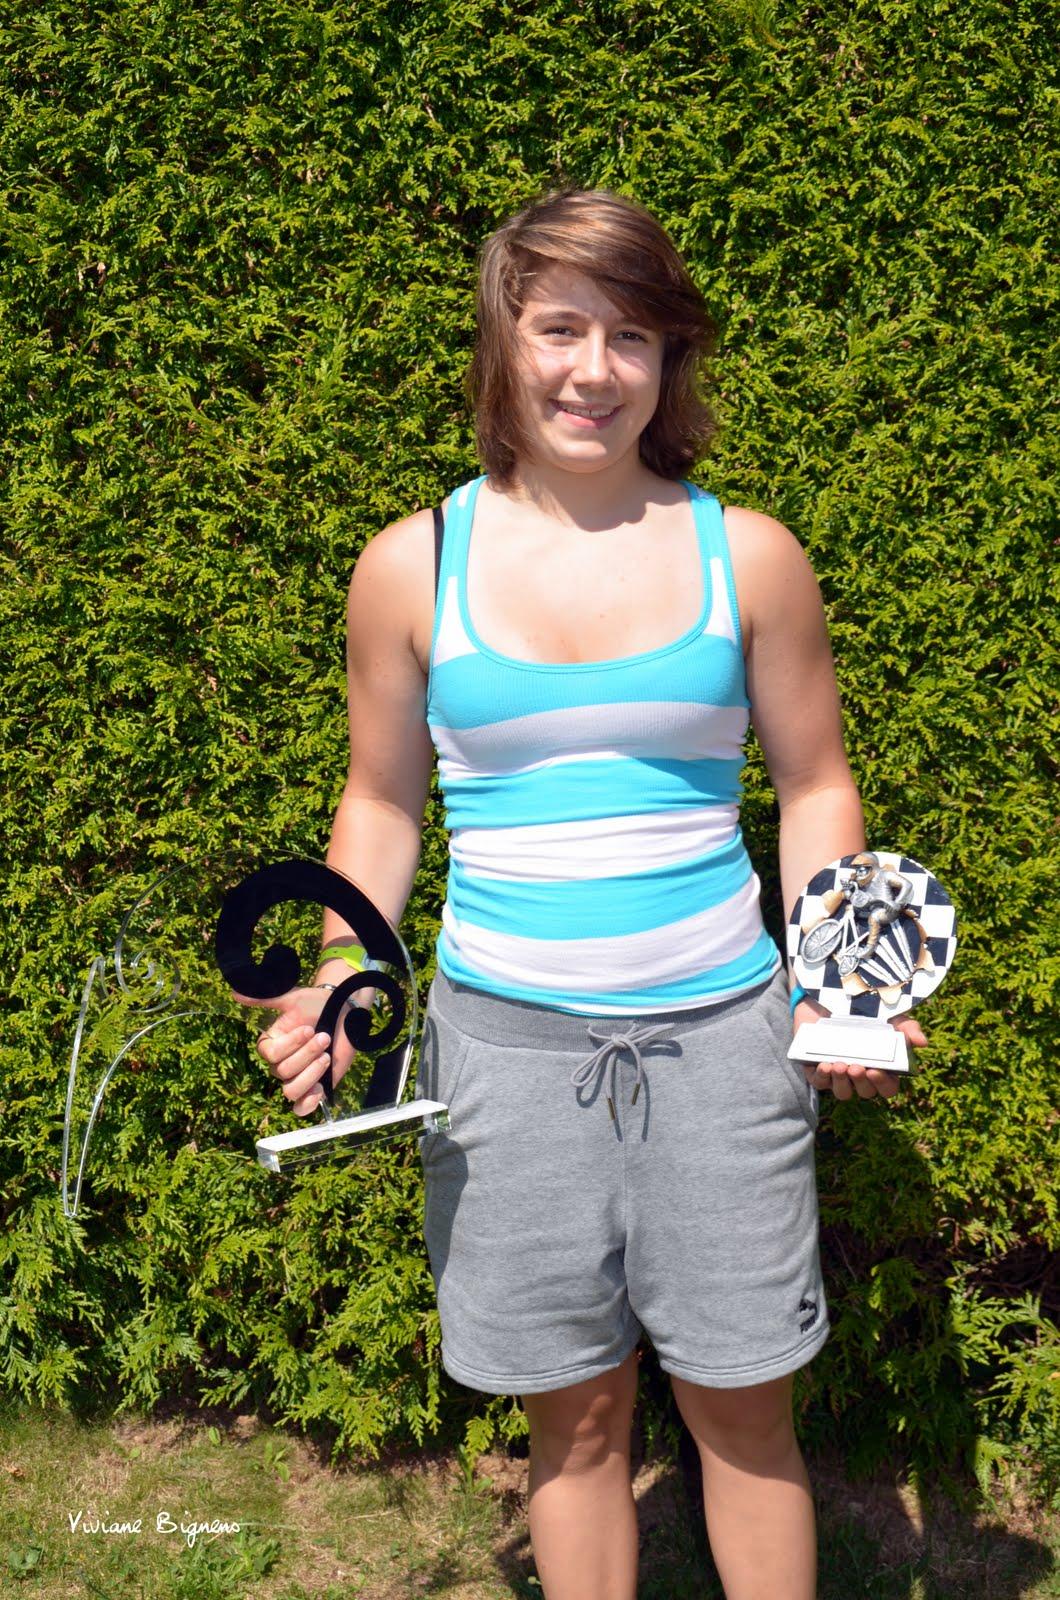 Christelle Boivin championne d'Europe de BMX 2013 girl 16 championne du monde de BMX 2013 girl 16